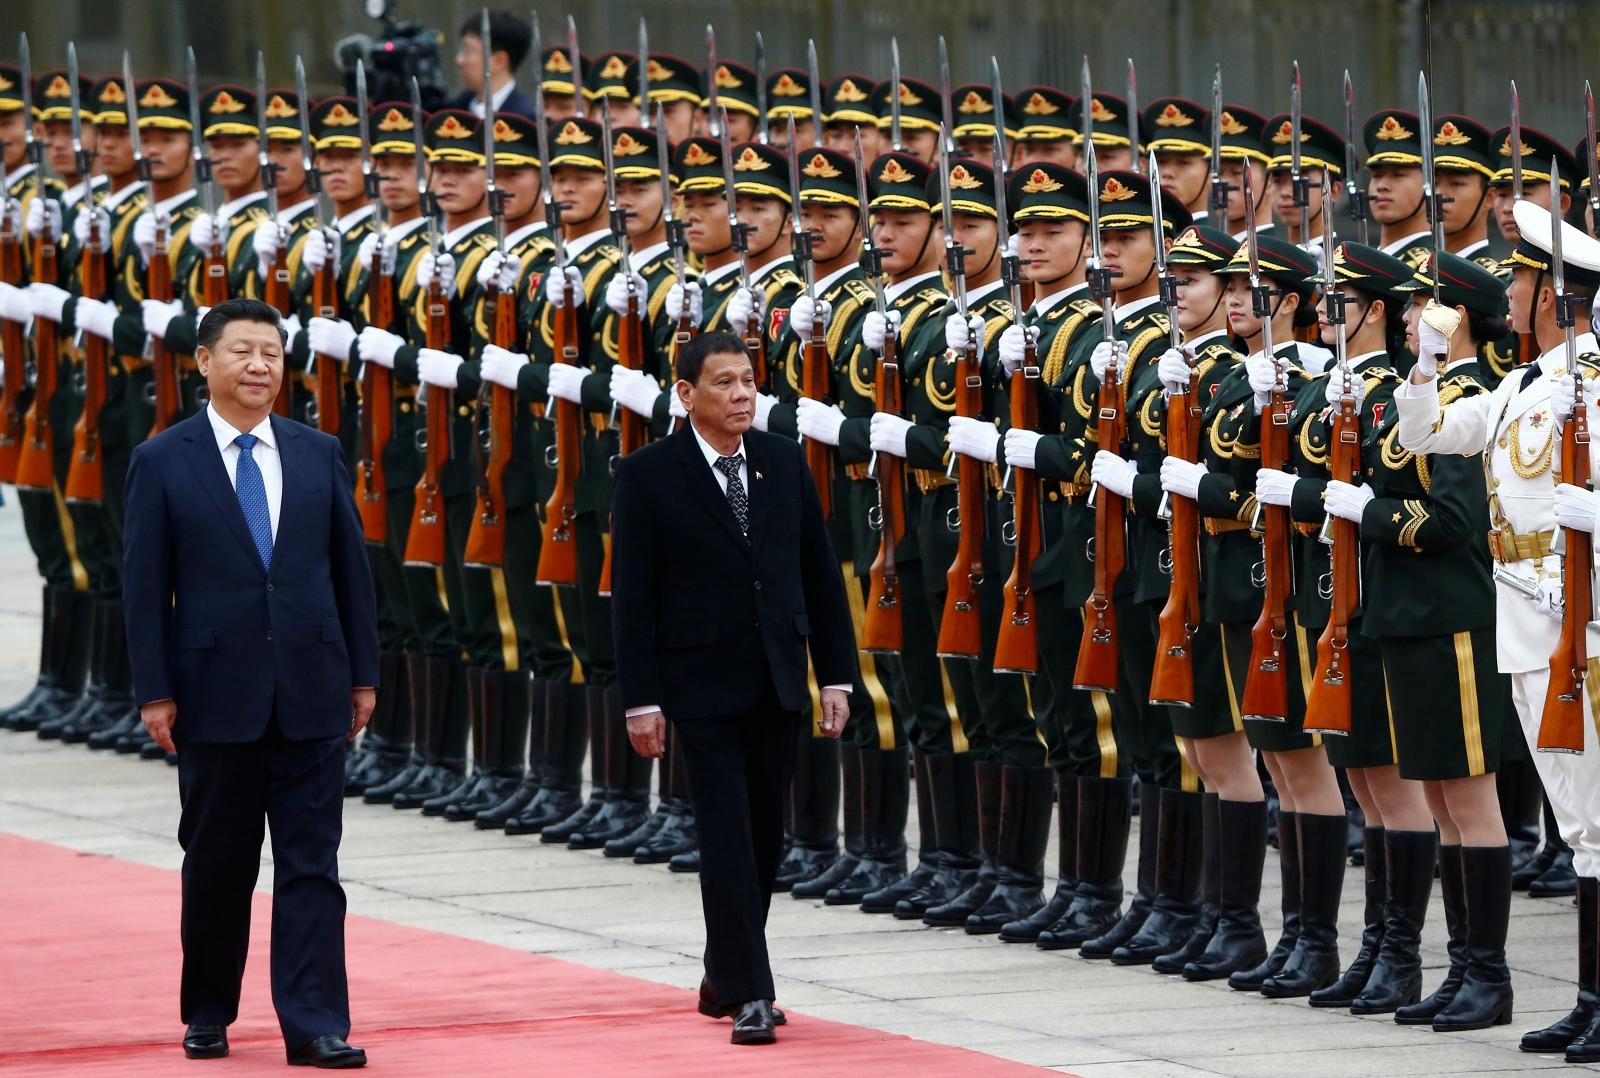 Duterte's China visit